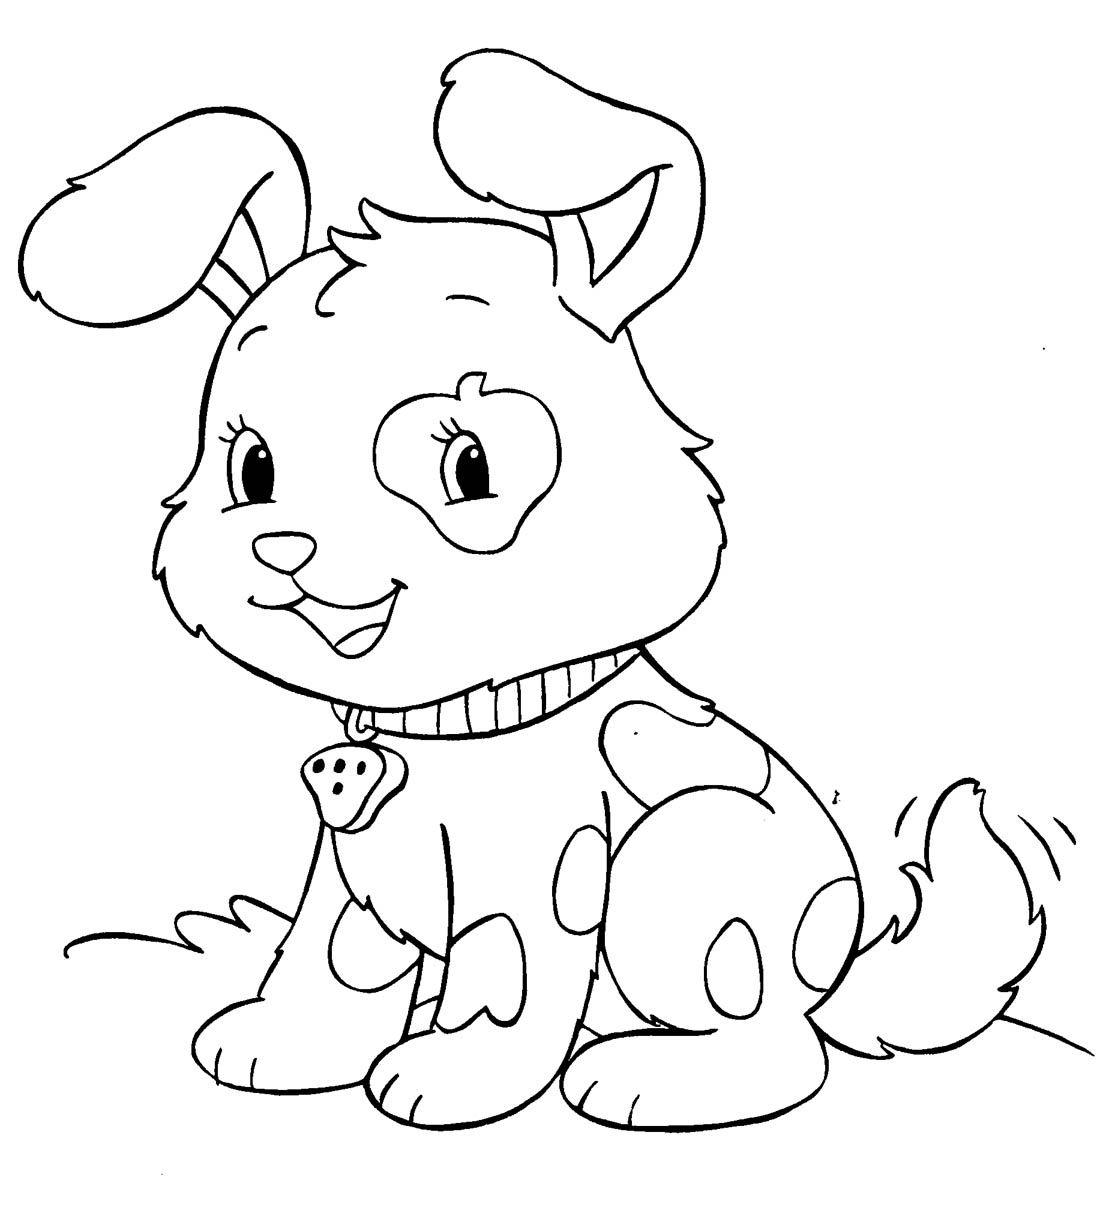 Malowanki Pies Pies Psy Malowanki Do Wydruku Darmowe